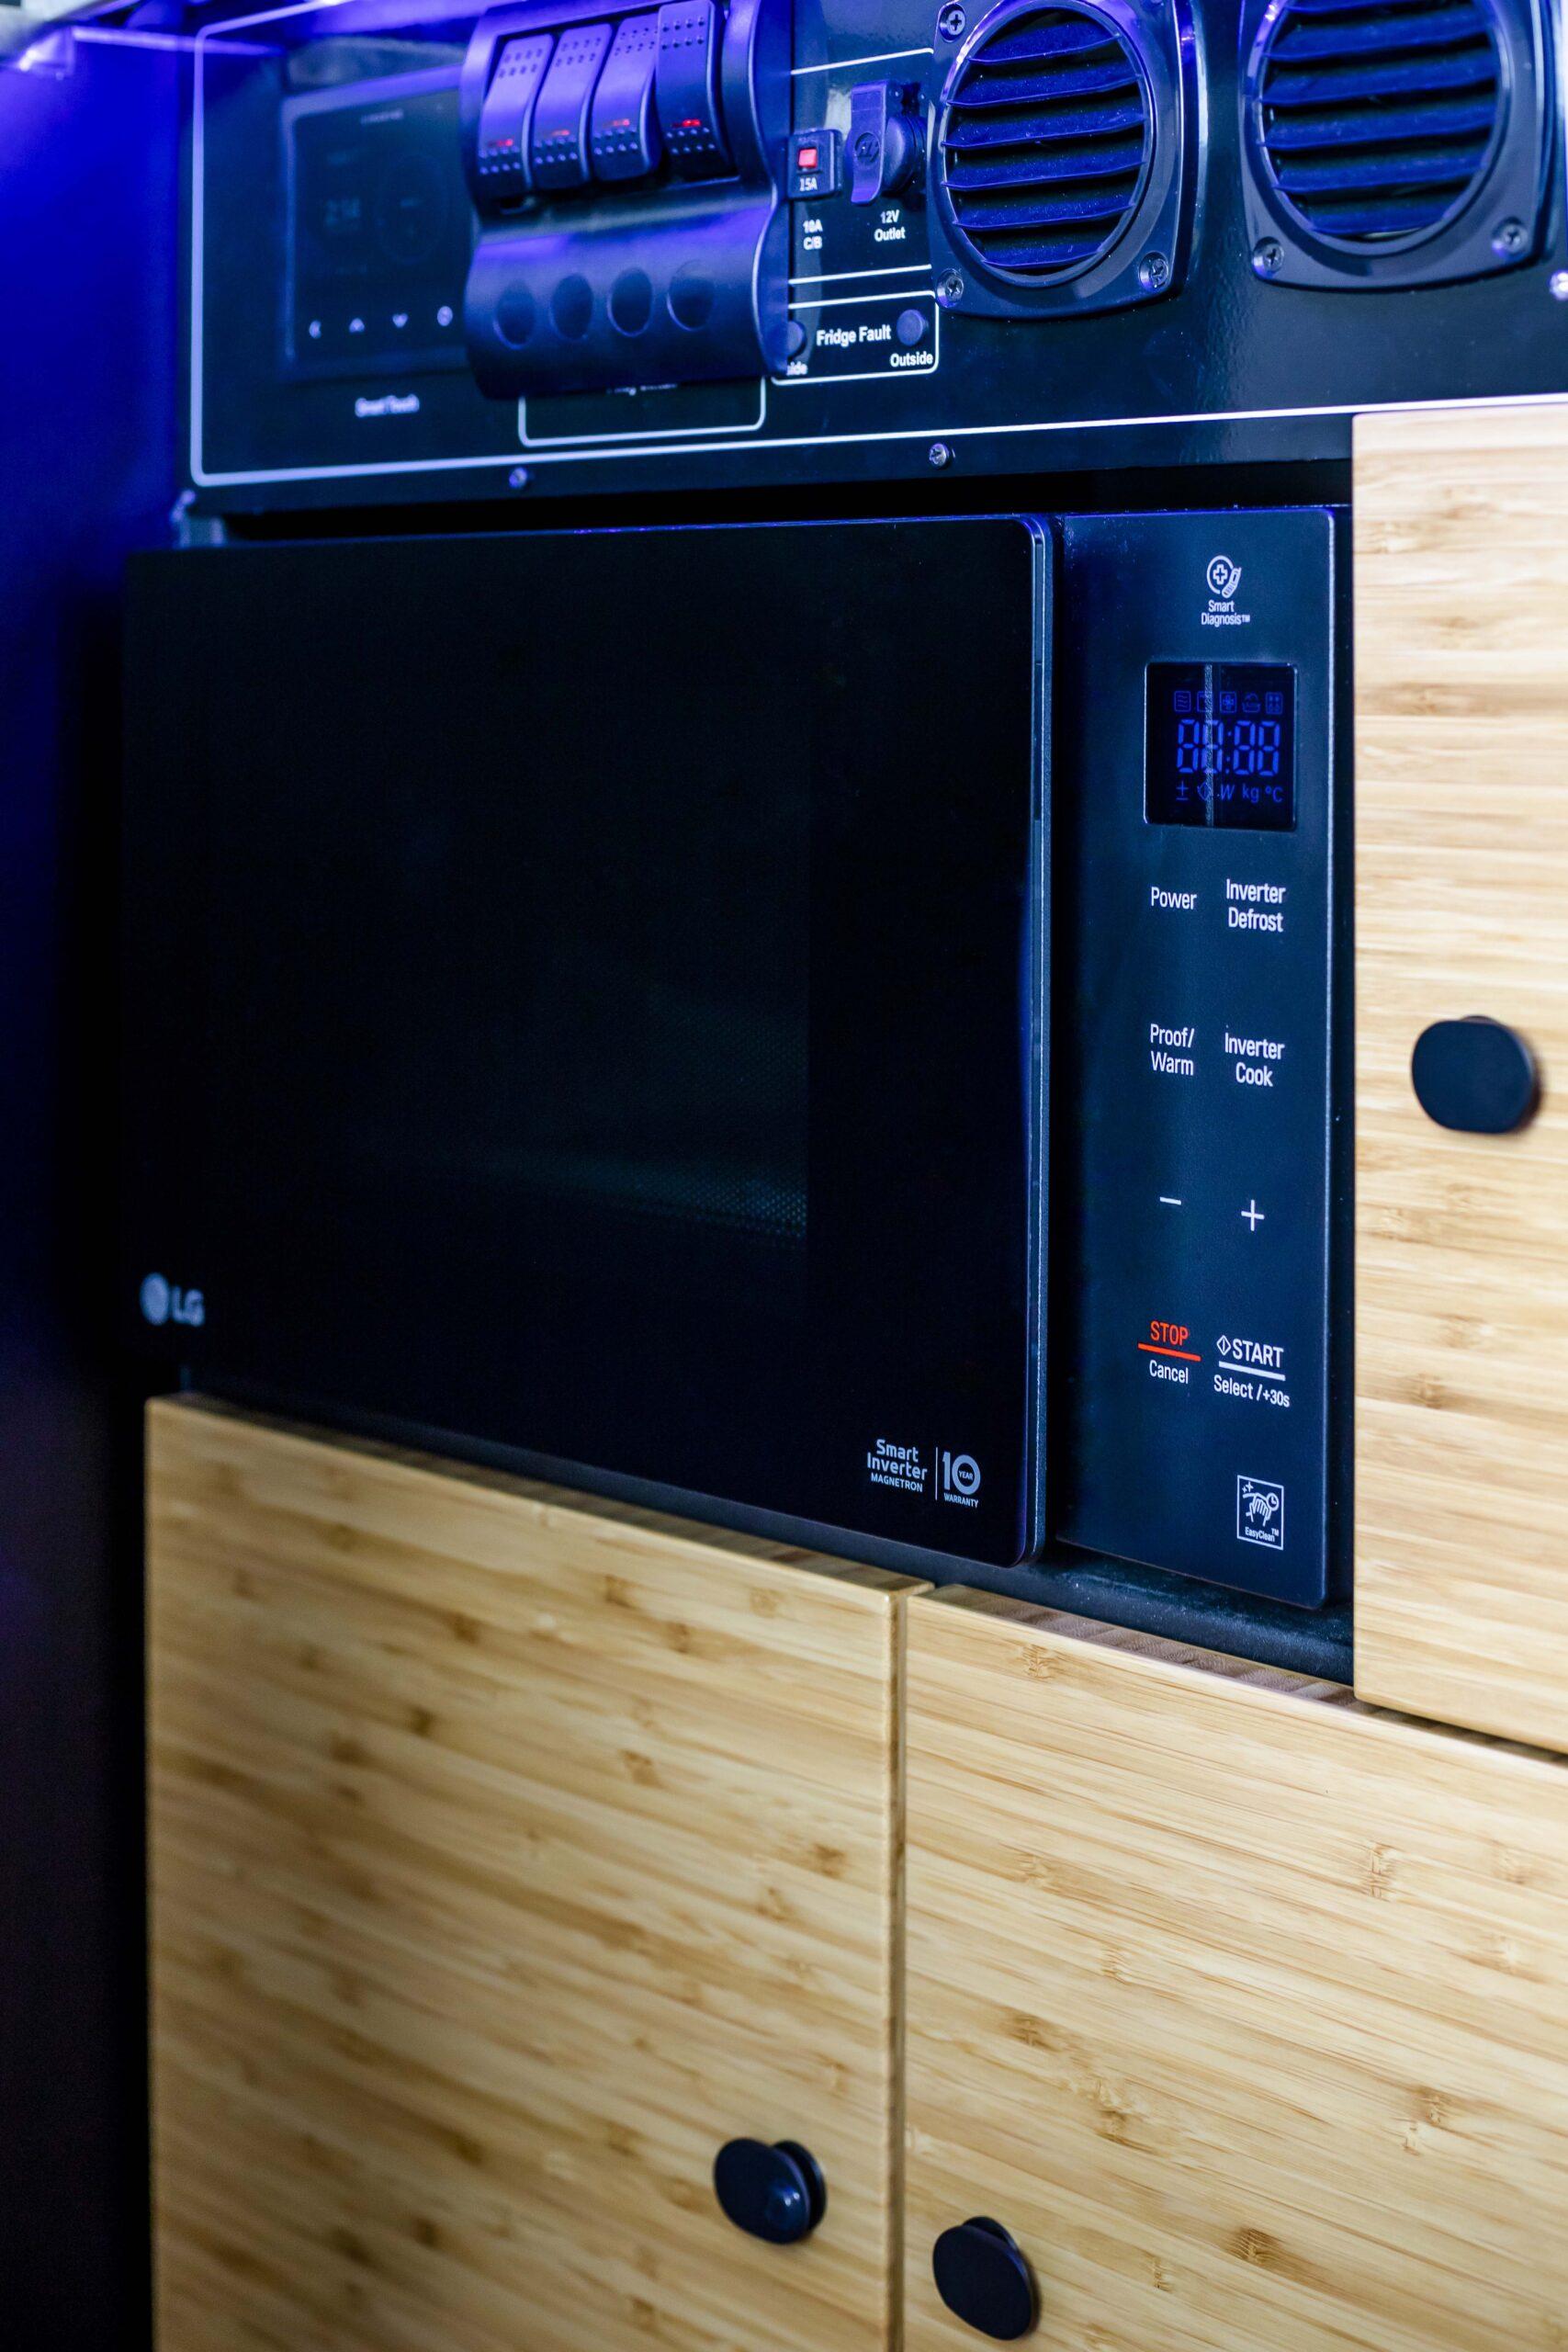 Karavan Microwave